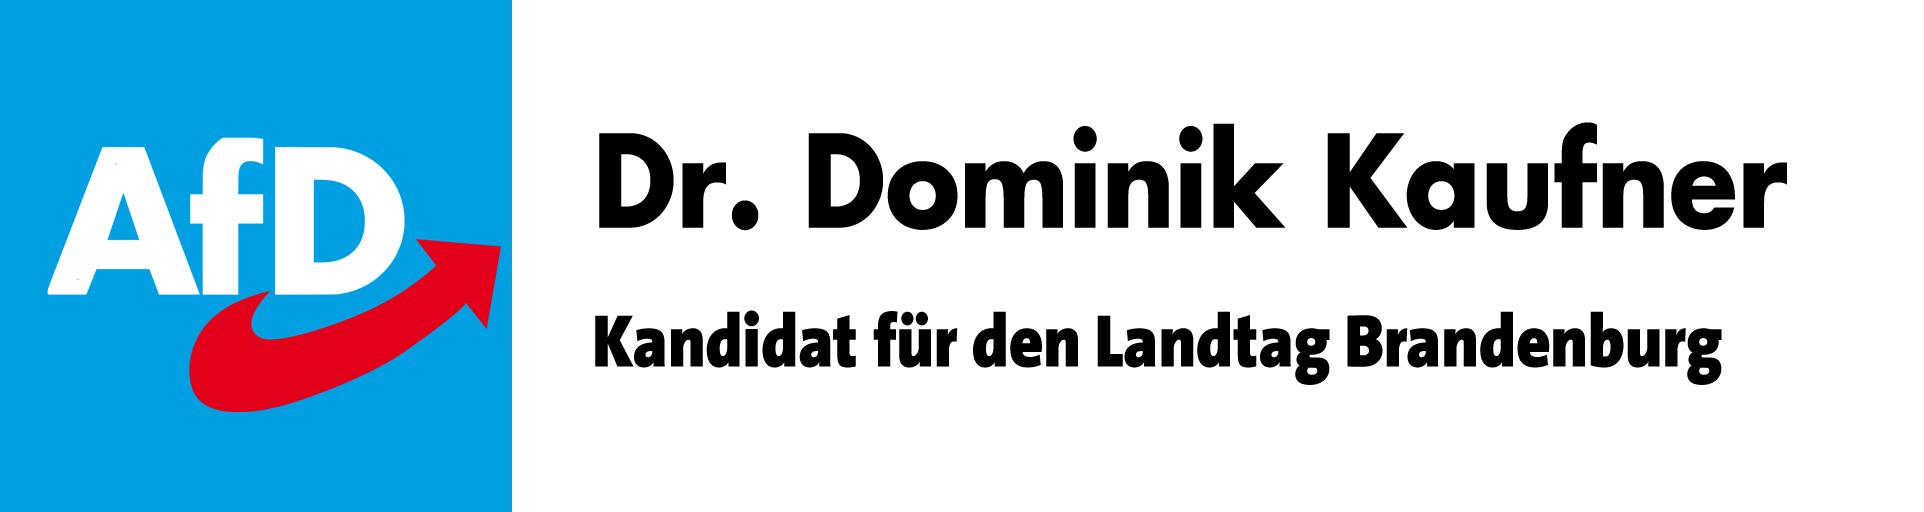 Dominik Kaufner